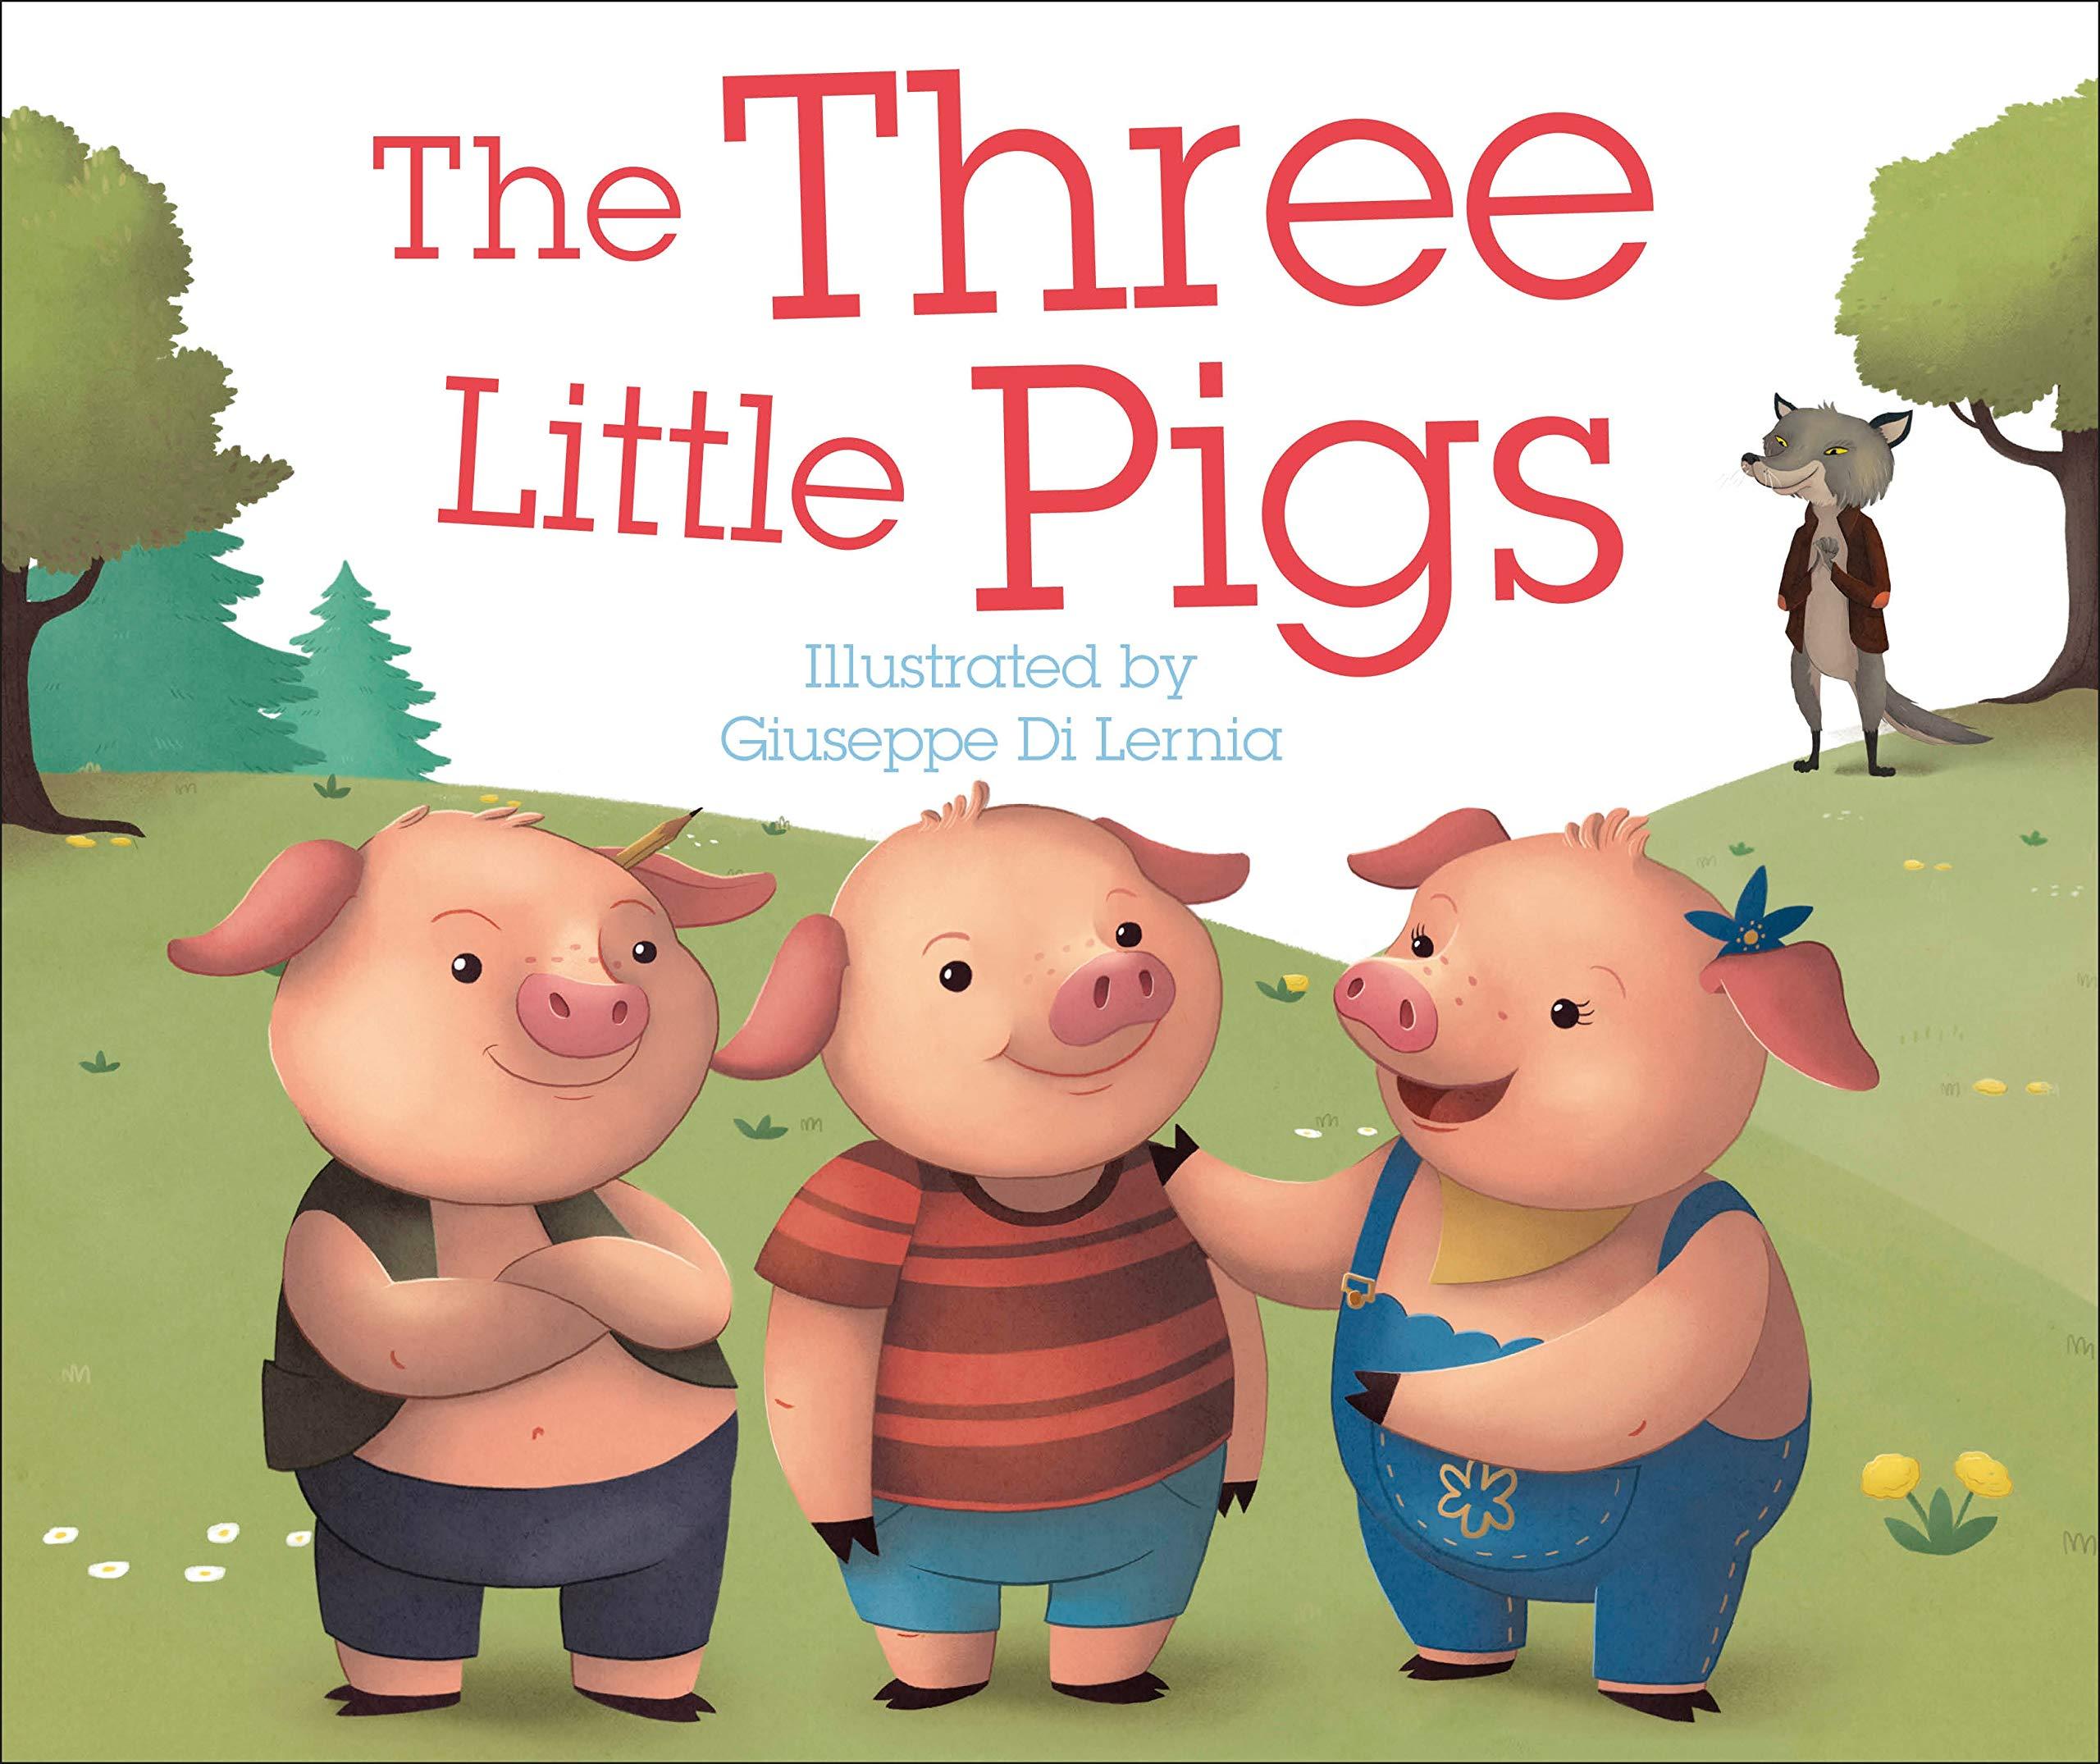 The Three Little Pigs: DK, Giuseppe Di Lernia: 9781465478481 ...